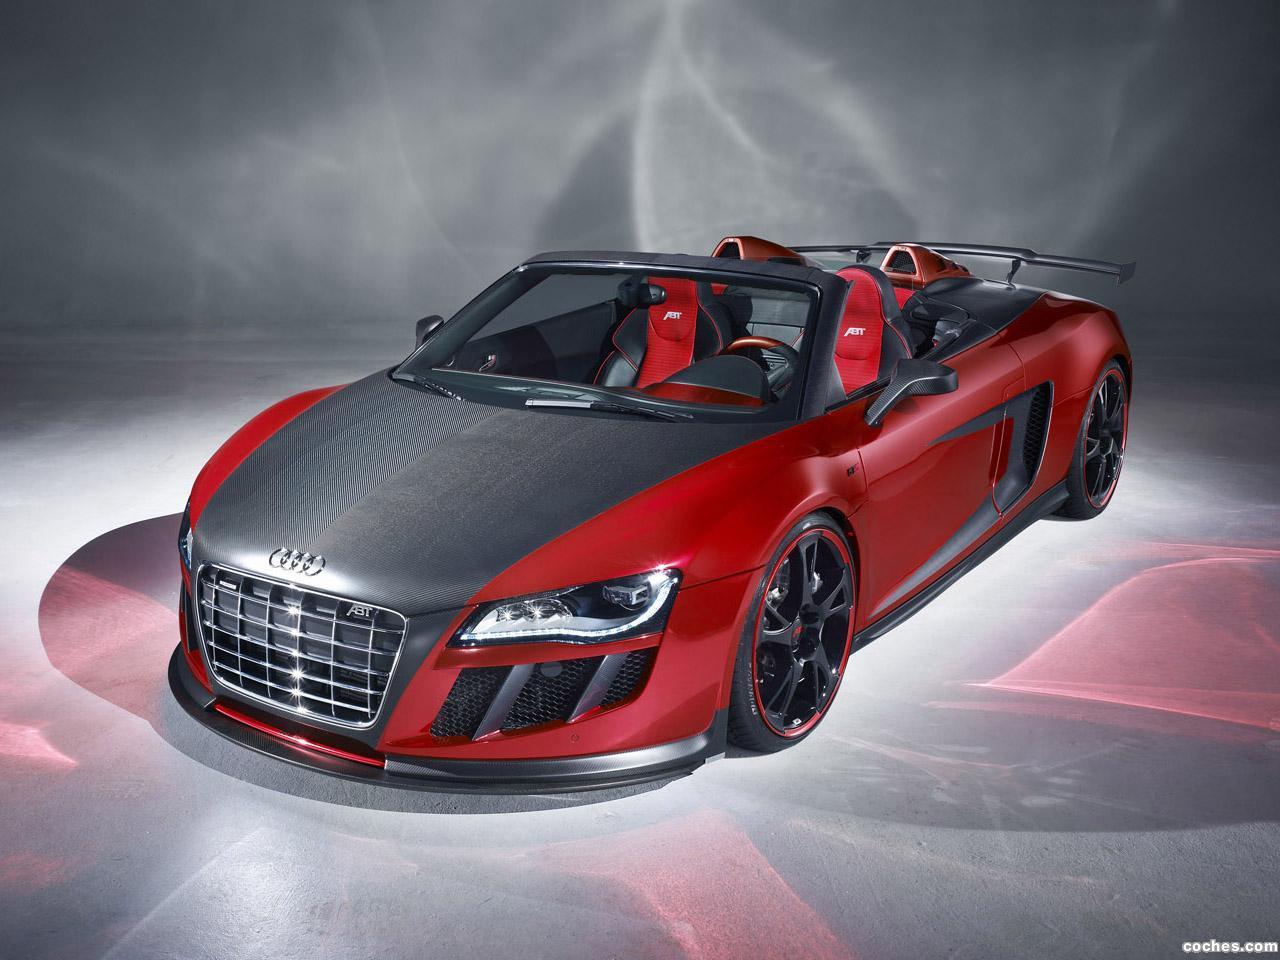 Foto 3 de Audi R8 GT S abt 2011